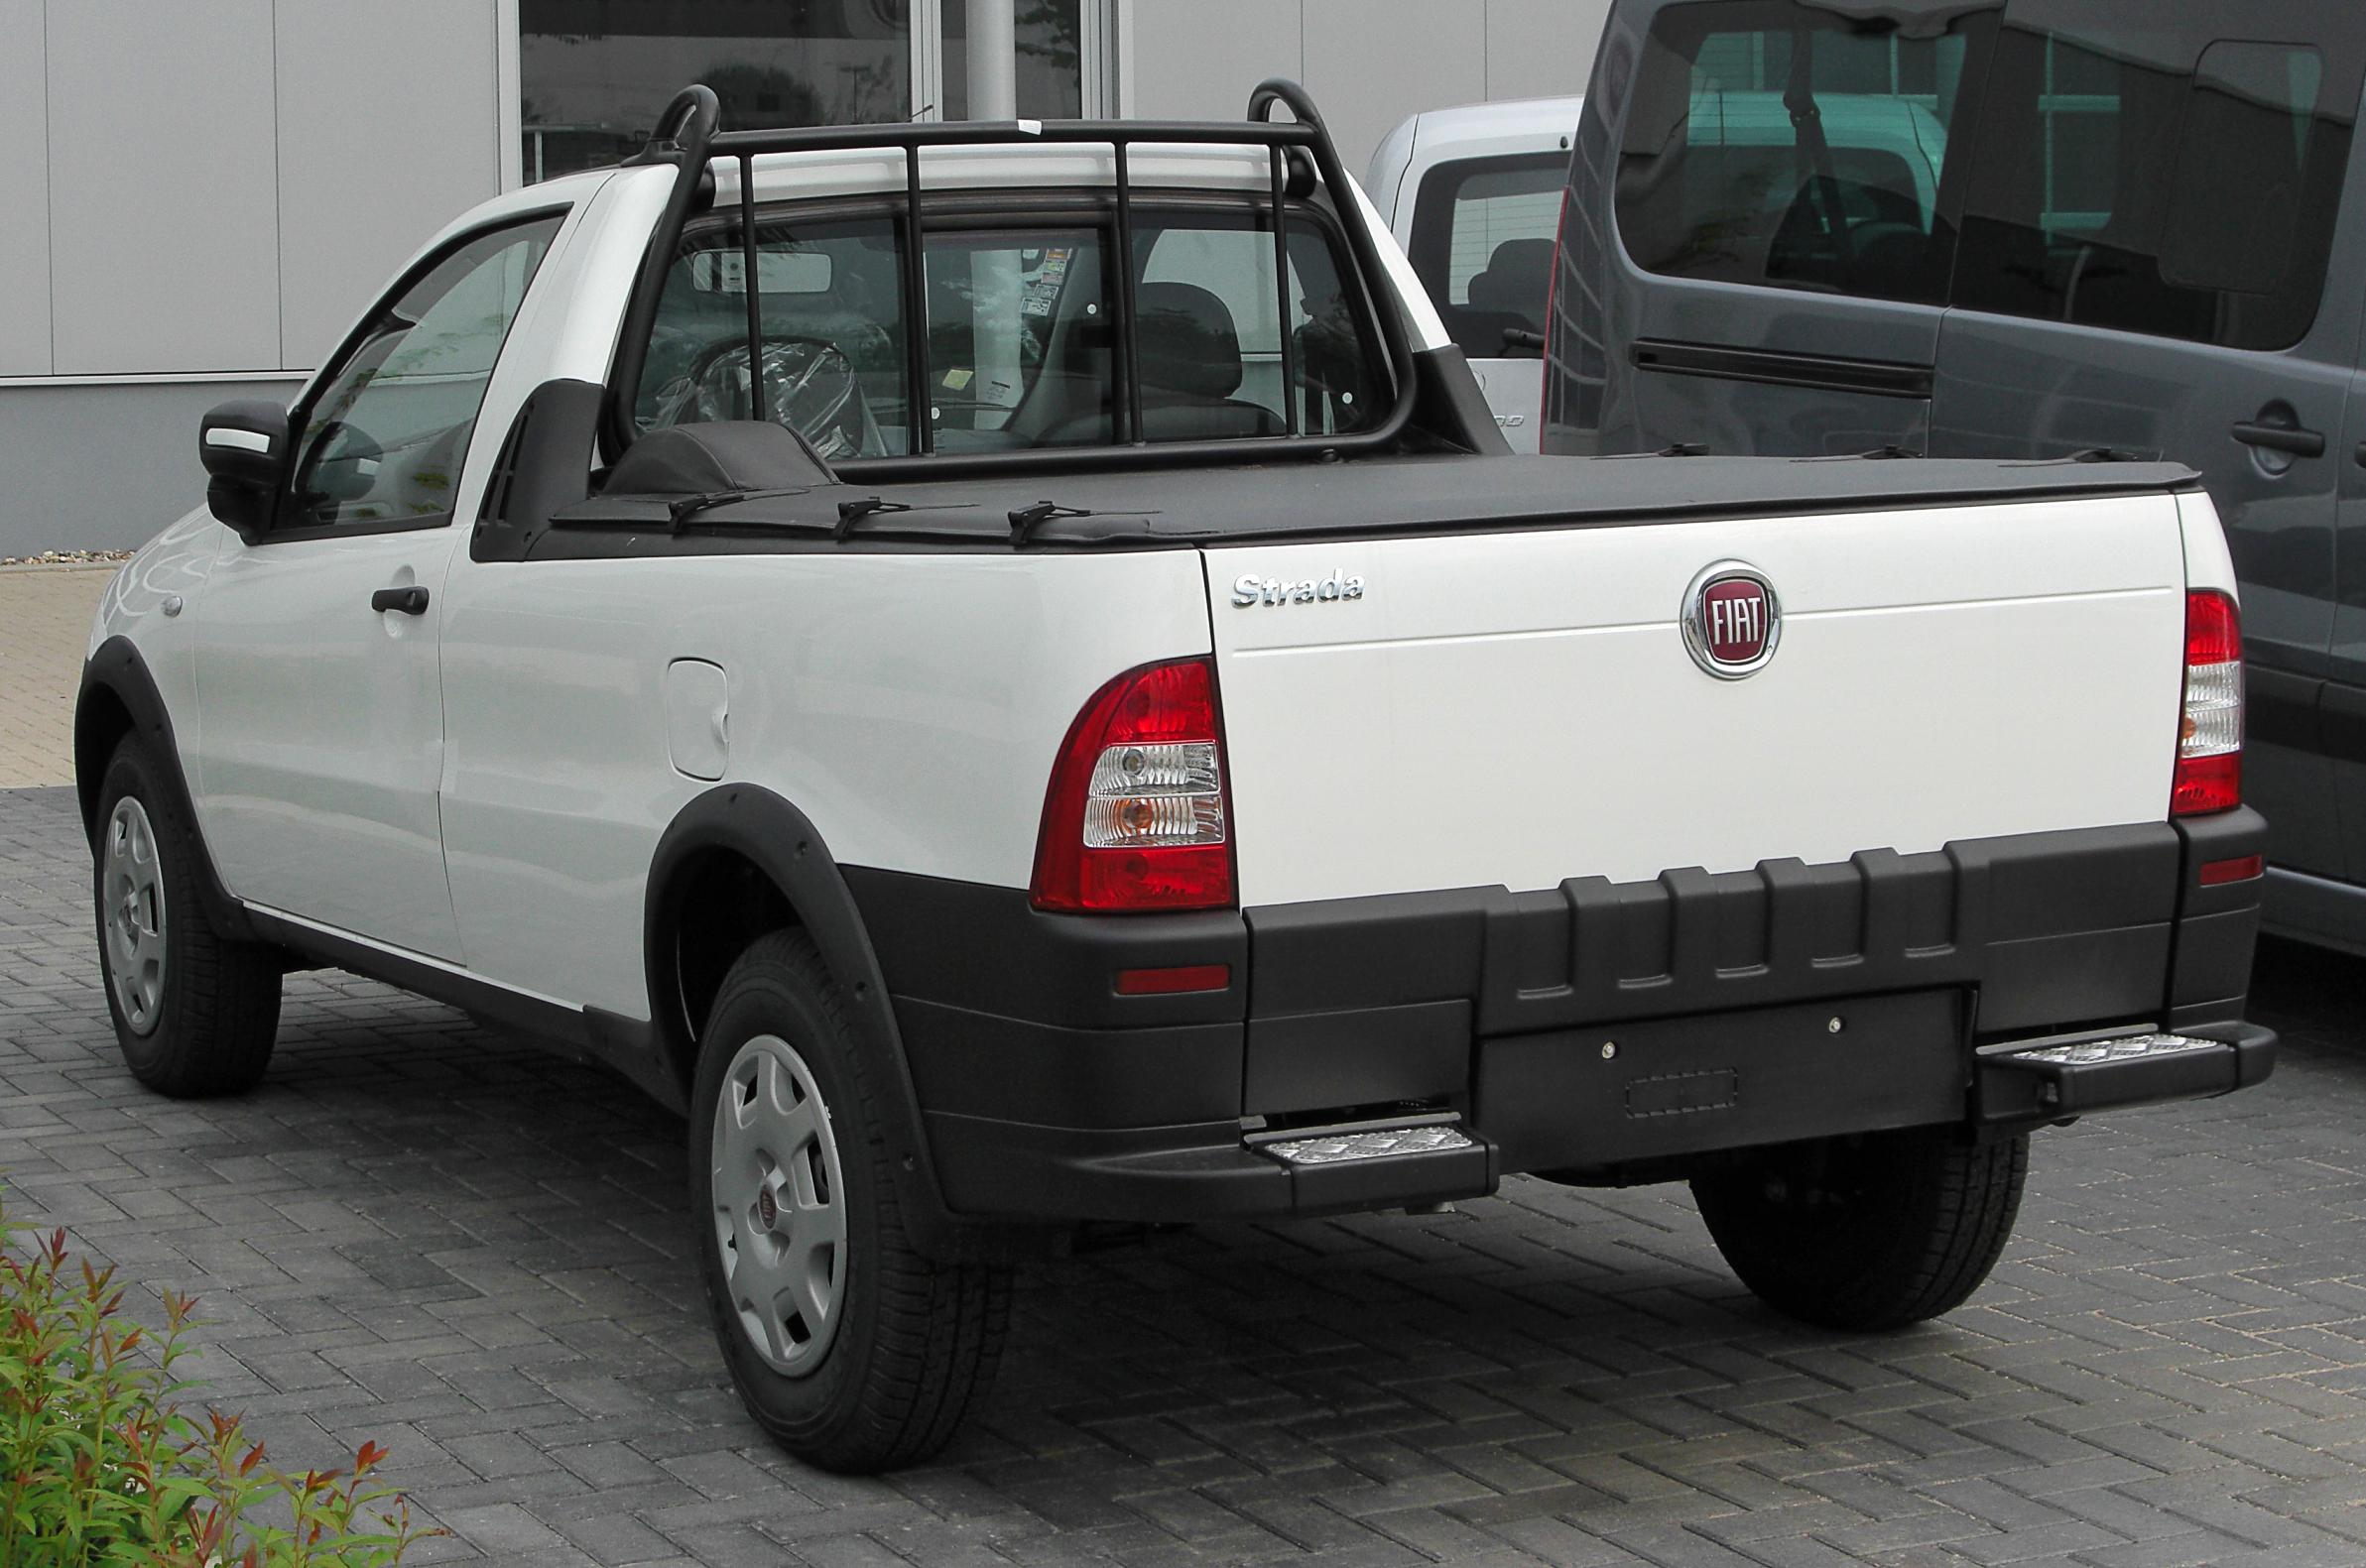 FIAT STRADA - Review and photos